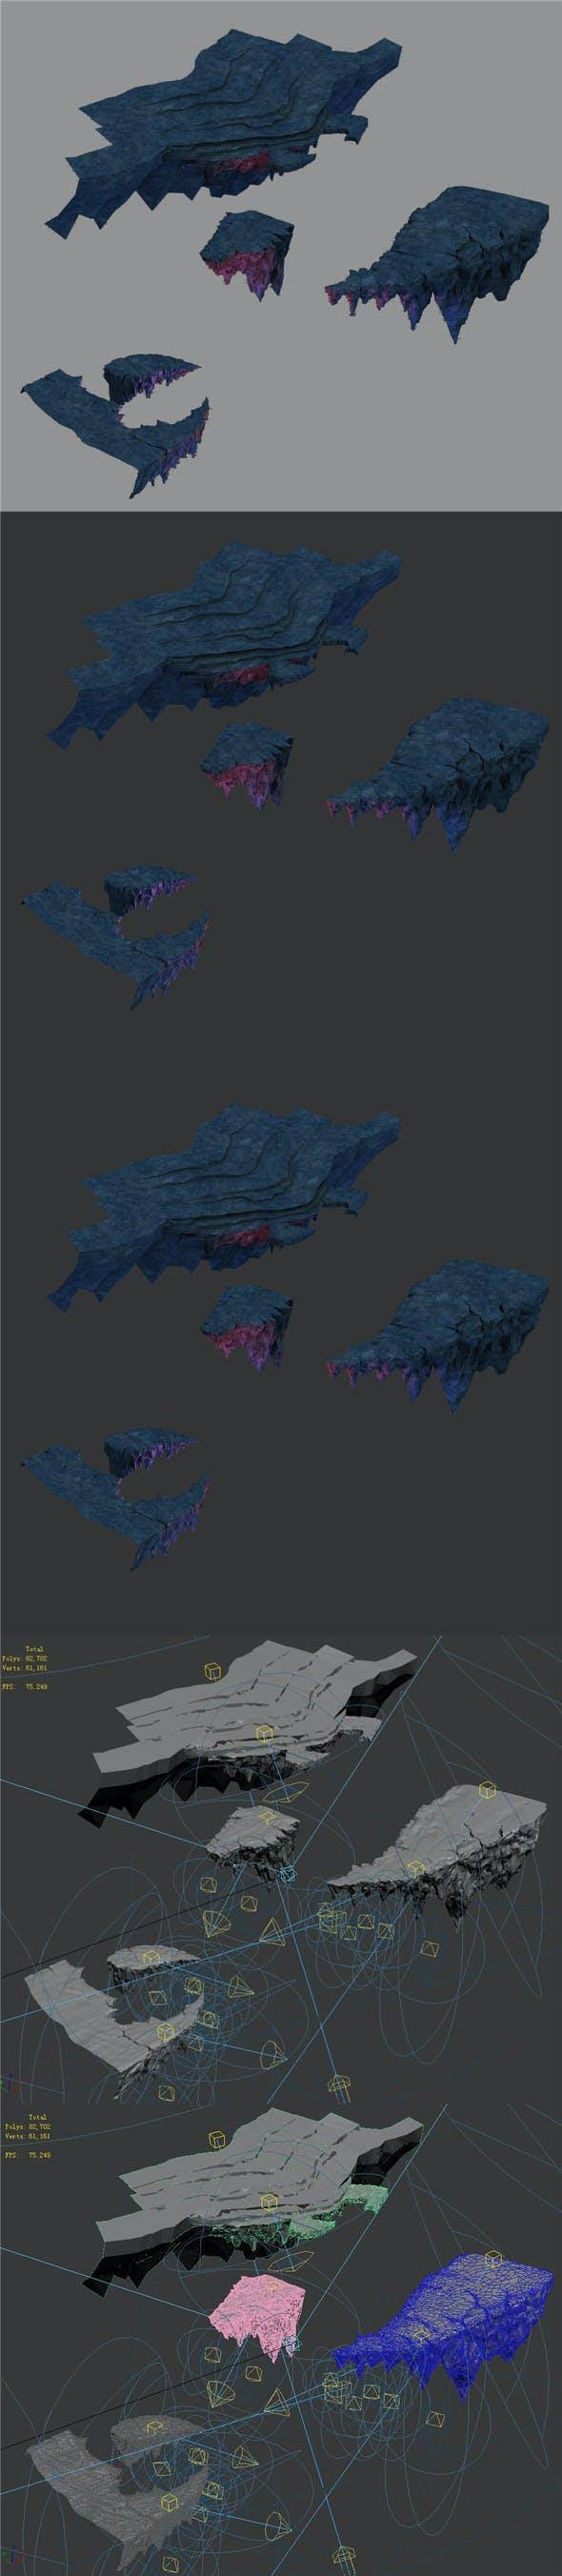 Magic territory - stone road - 3DOcean Item for Sale